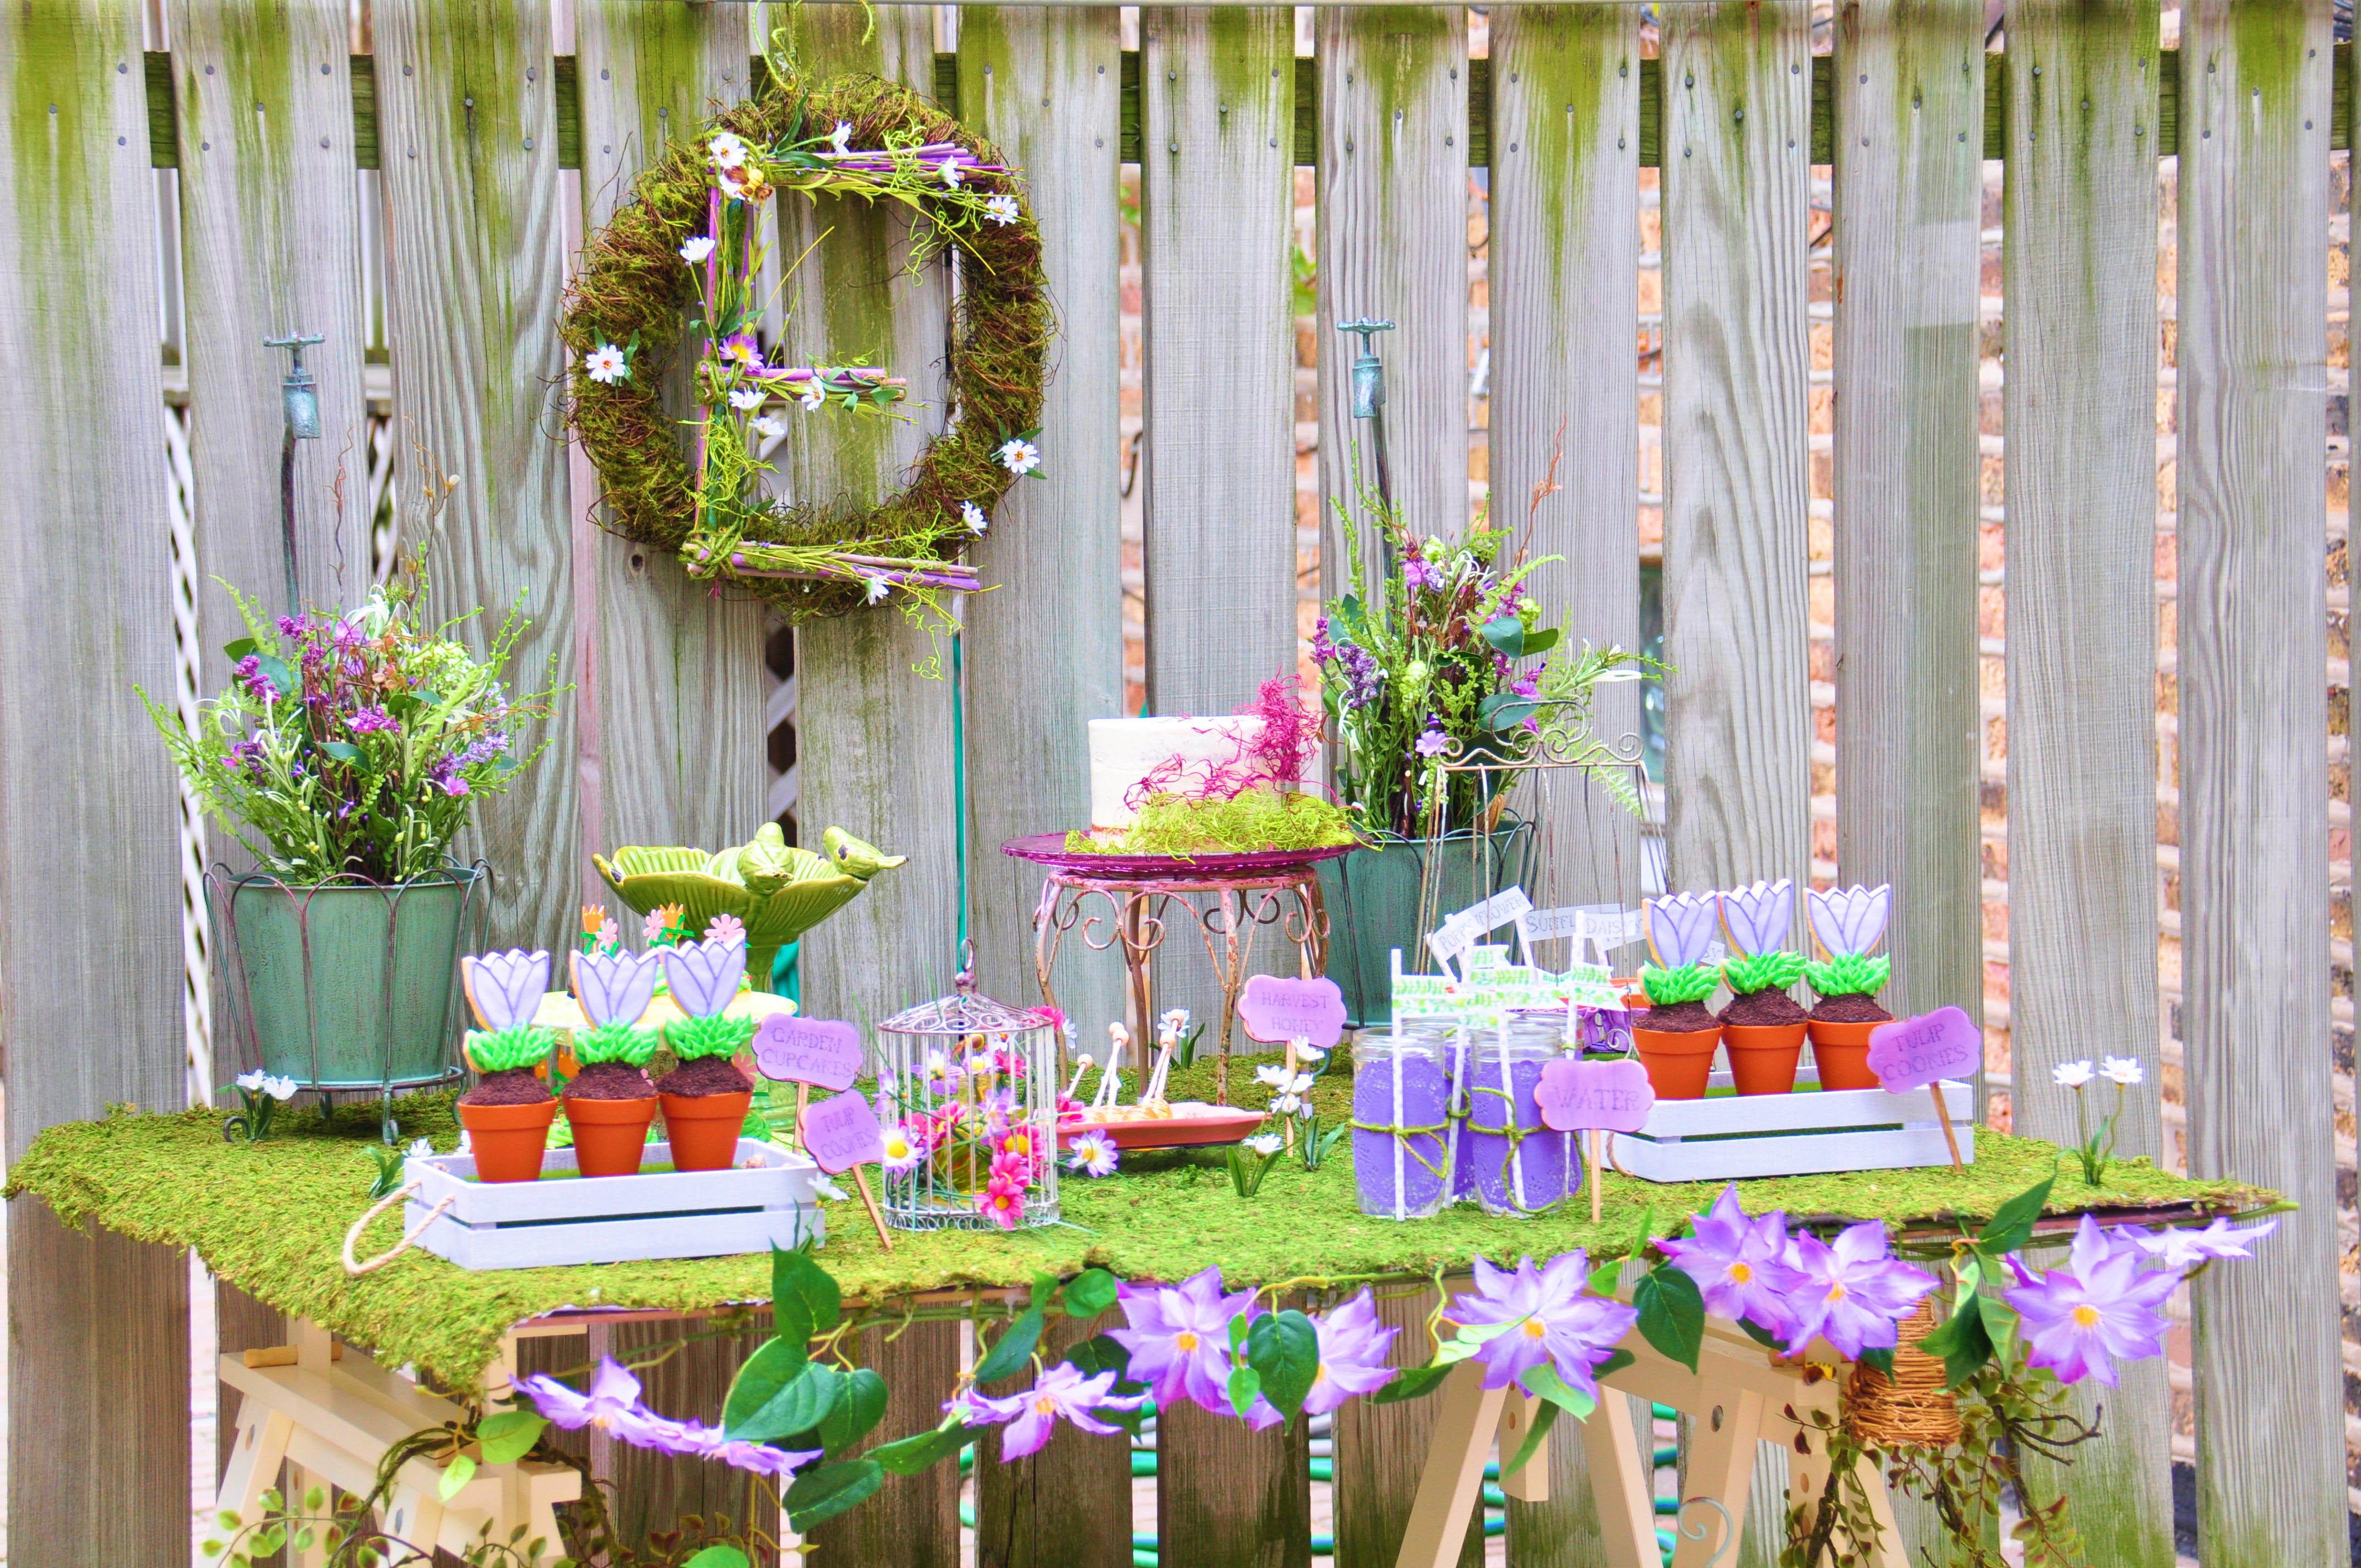 Enchanted Garden: An Enchanted Baptism Garden Party